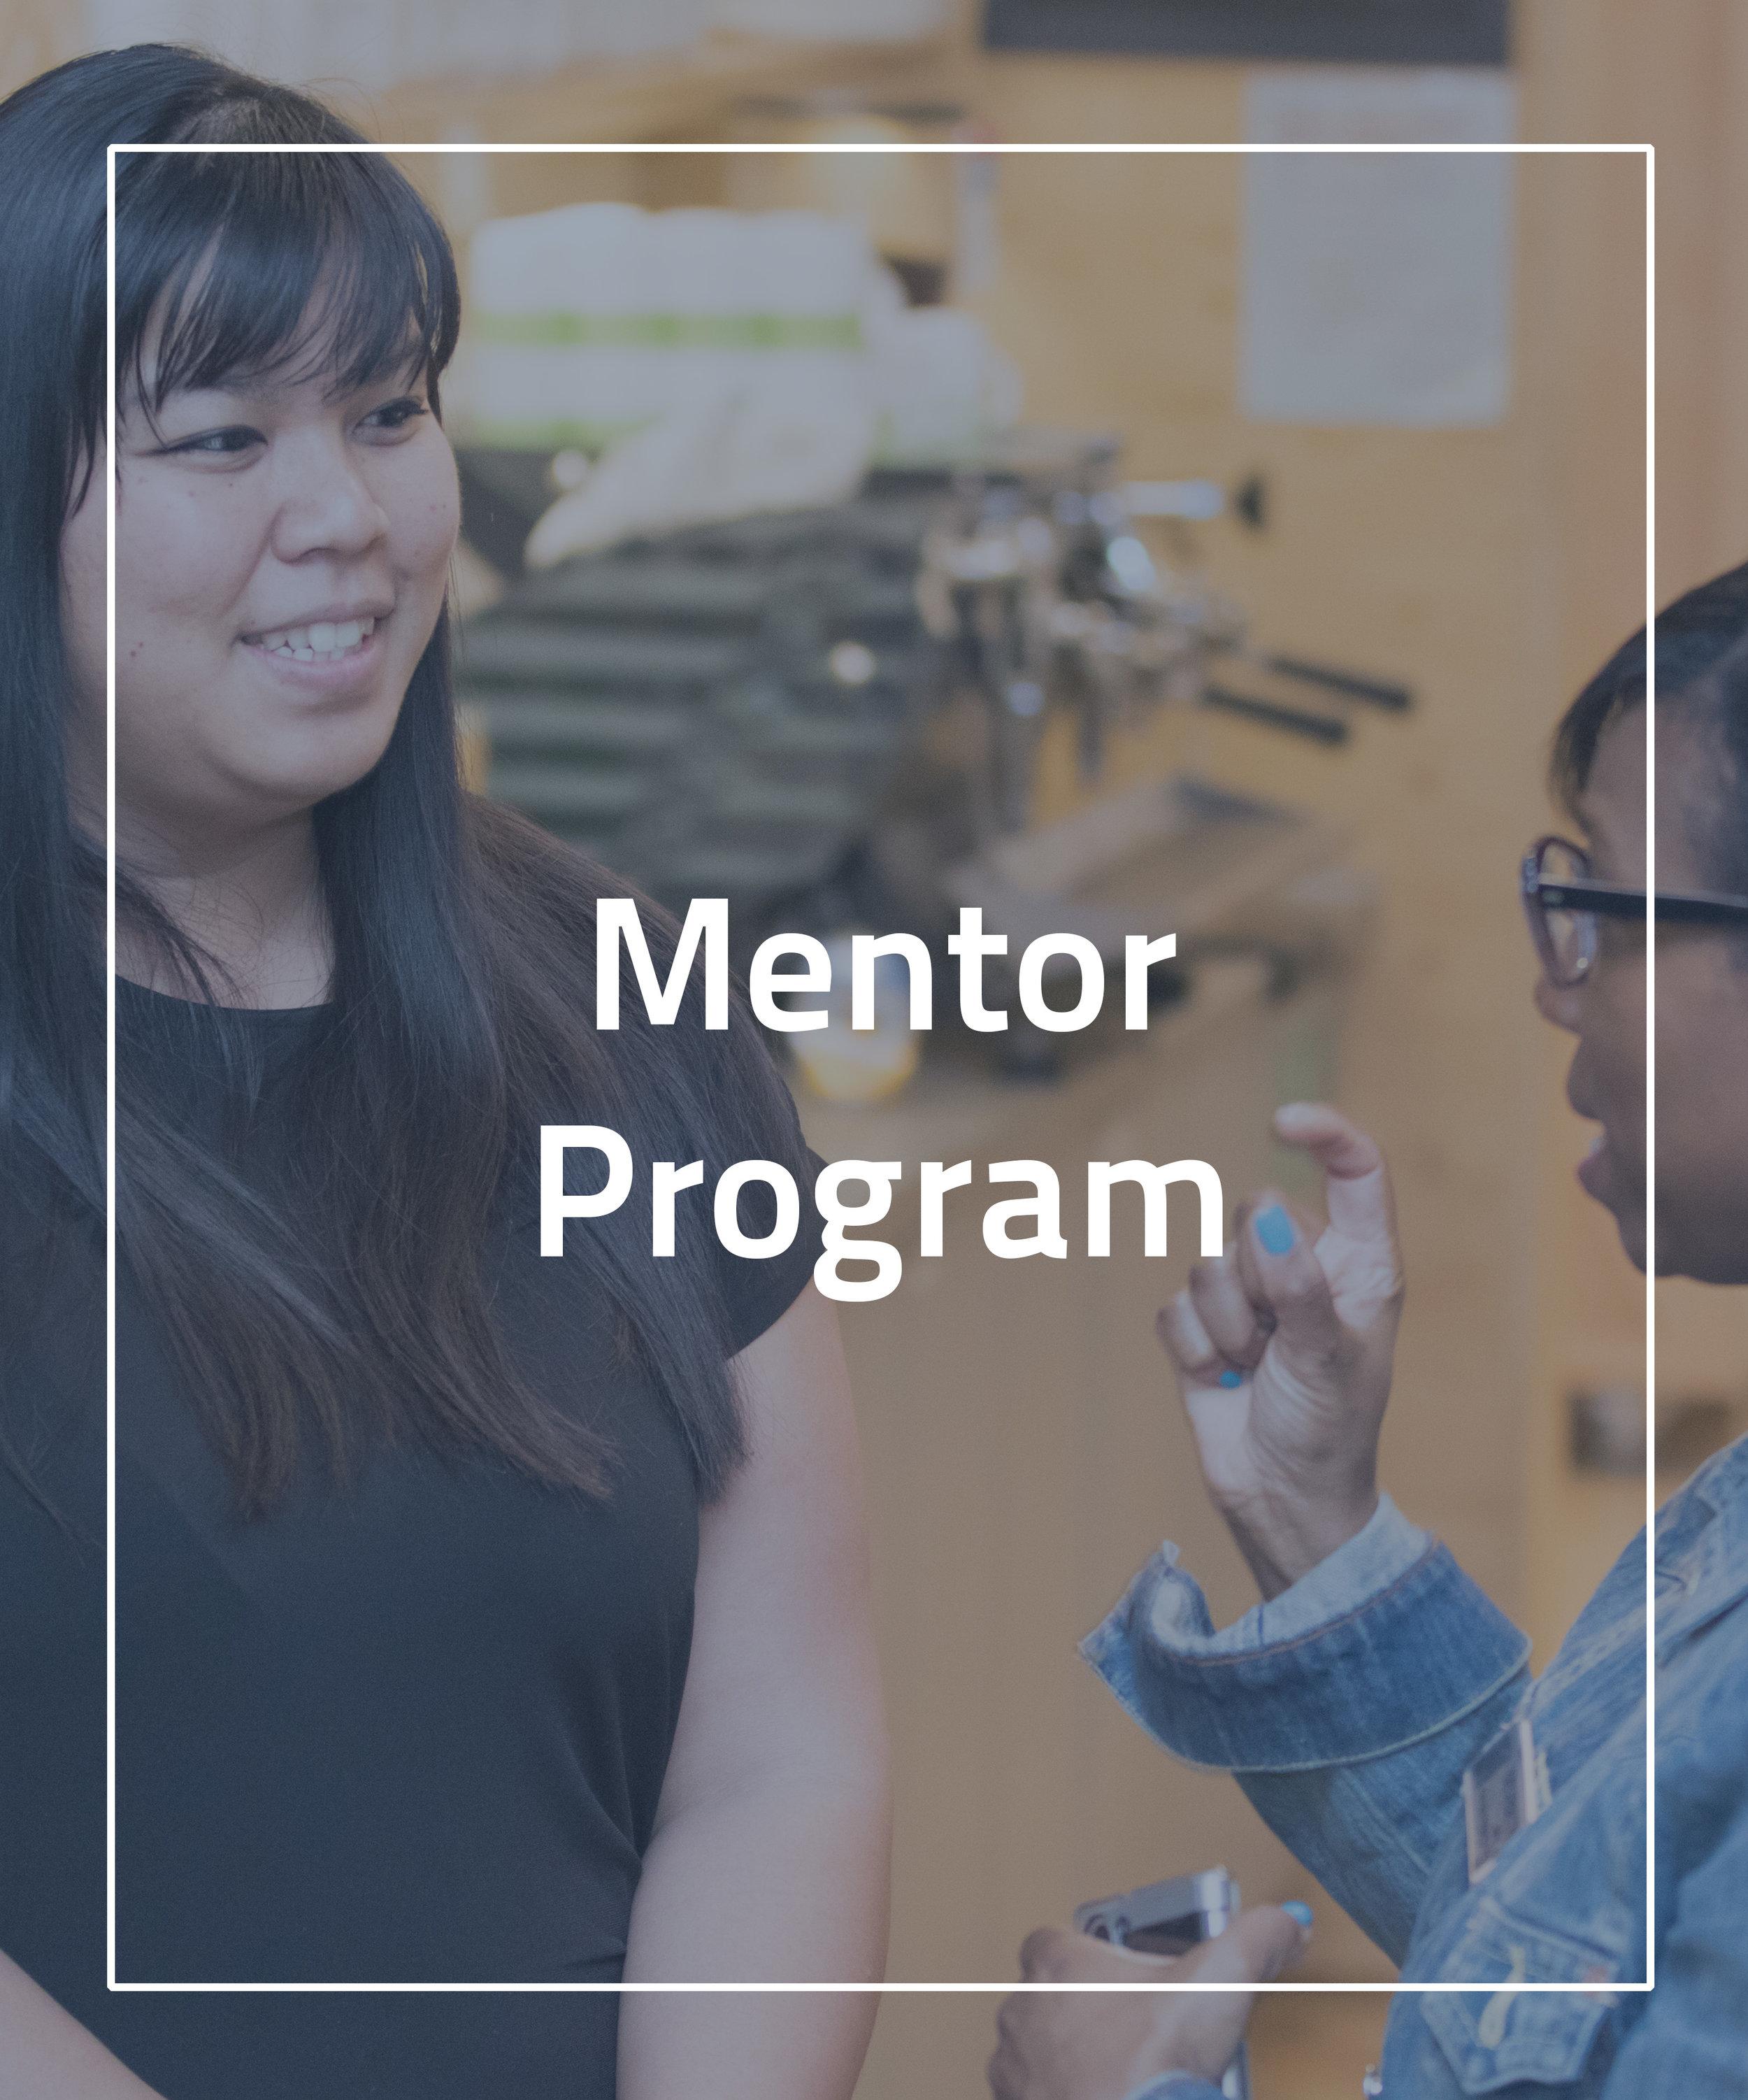 mentor_program.jpg